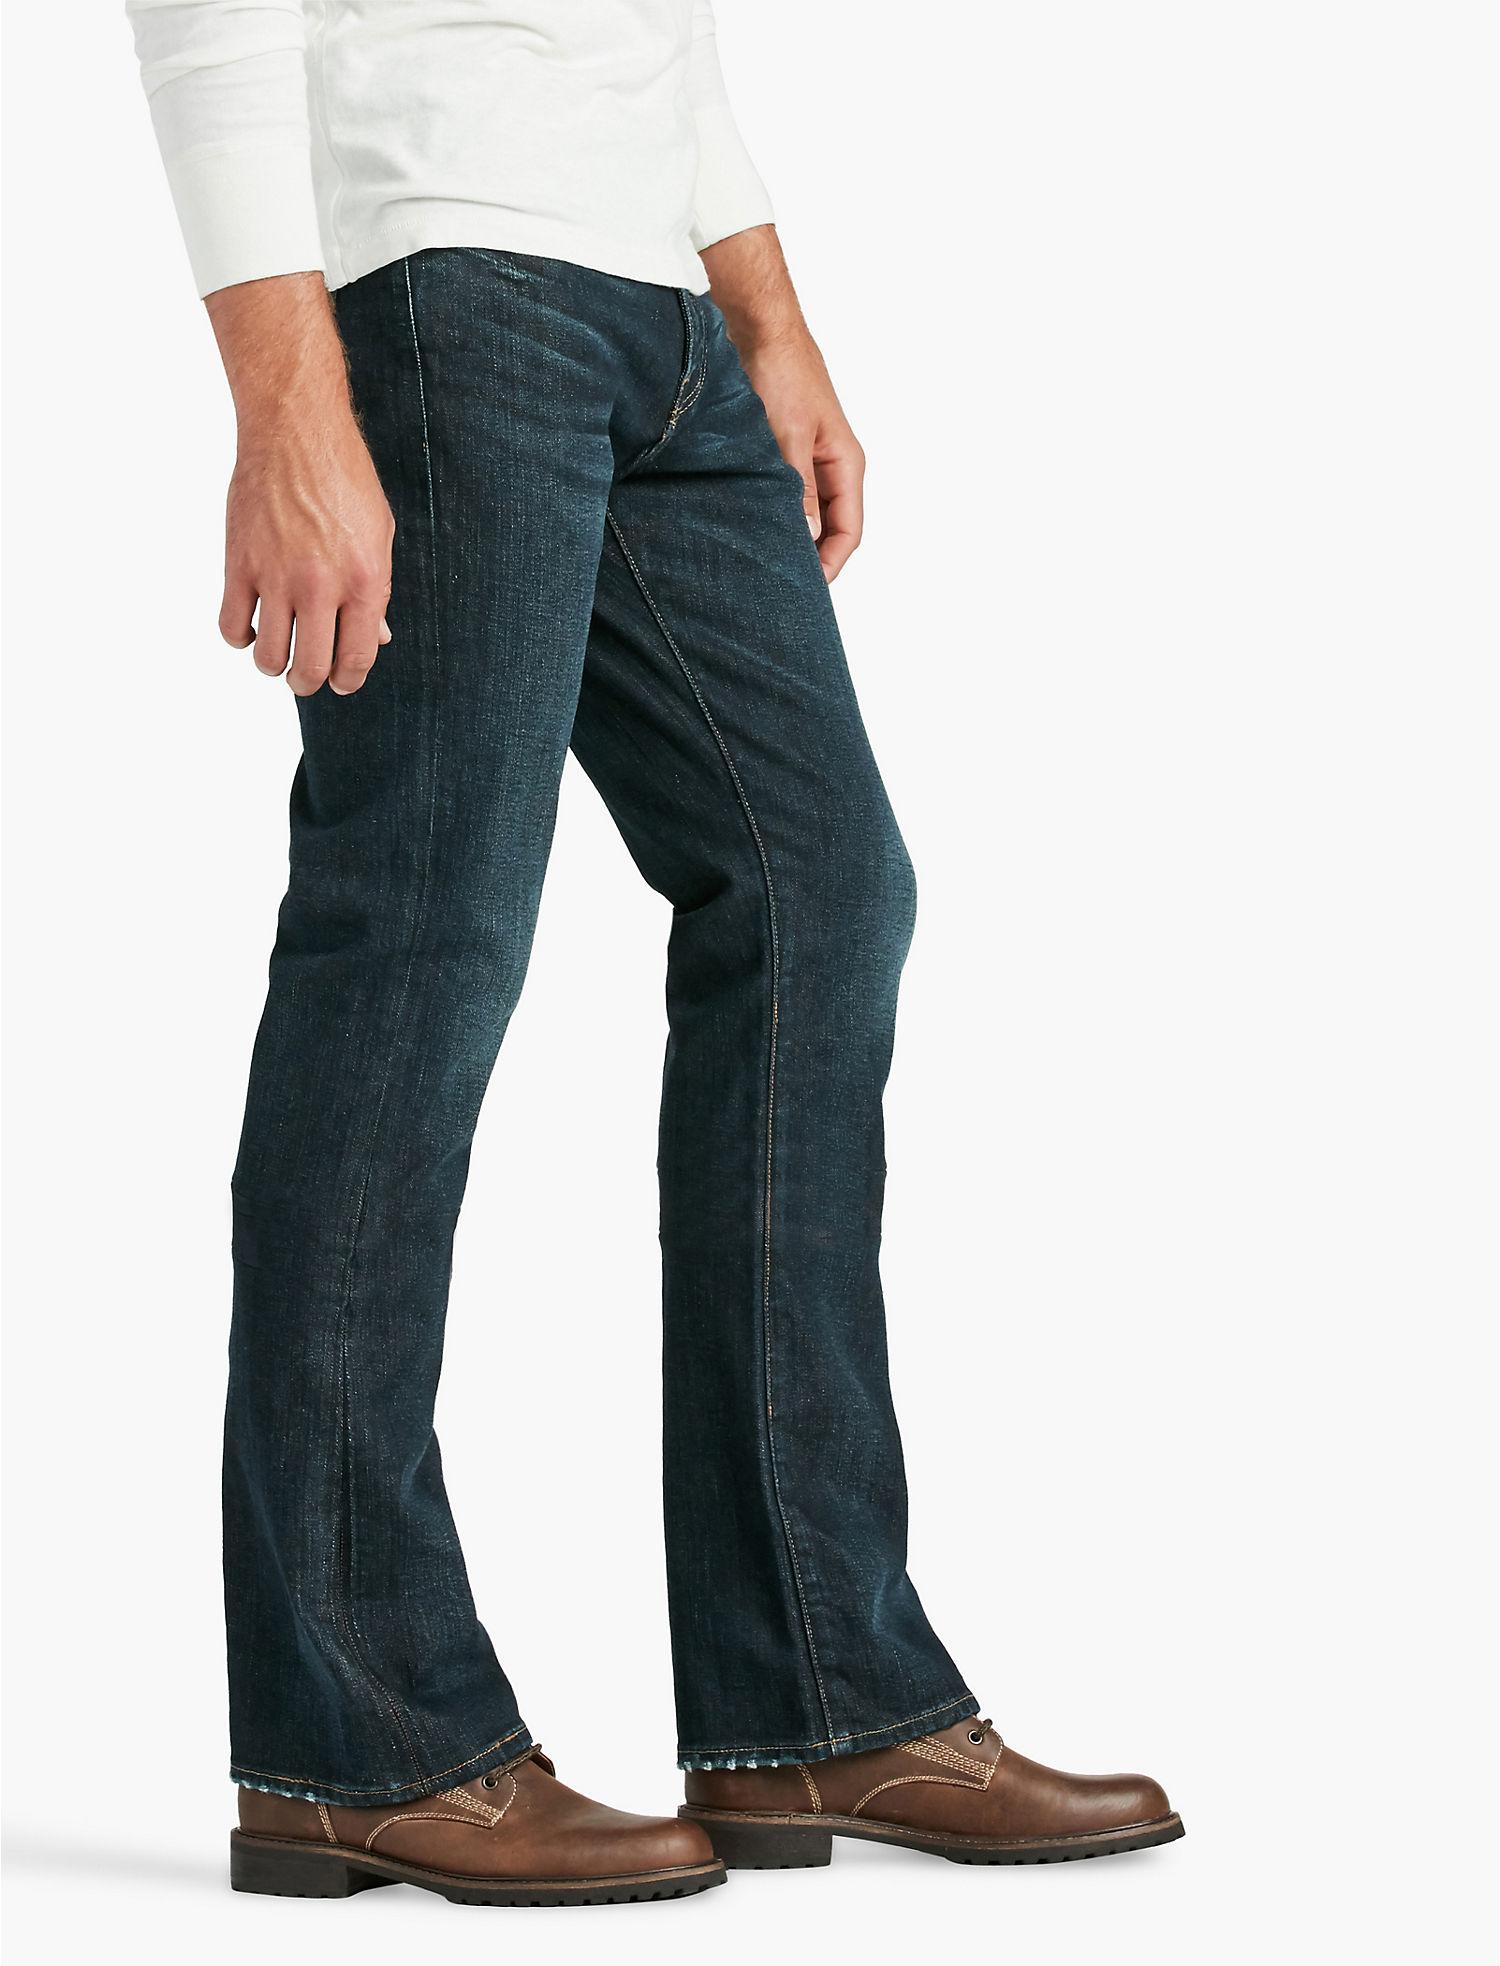 Jeans for Men | Lucky Brand